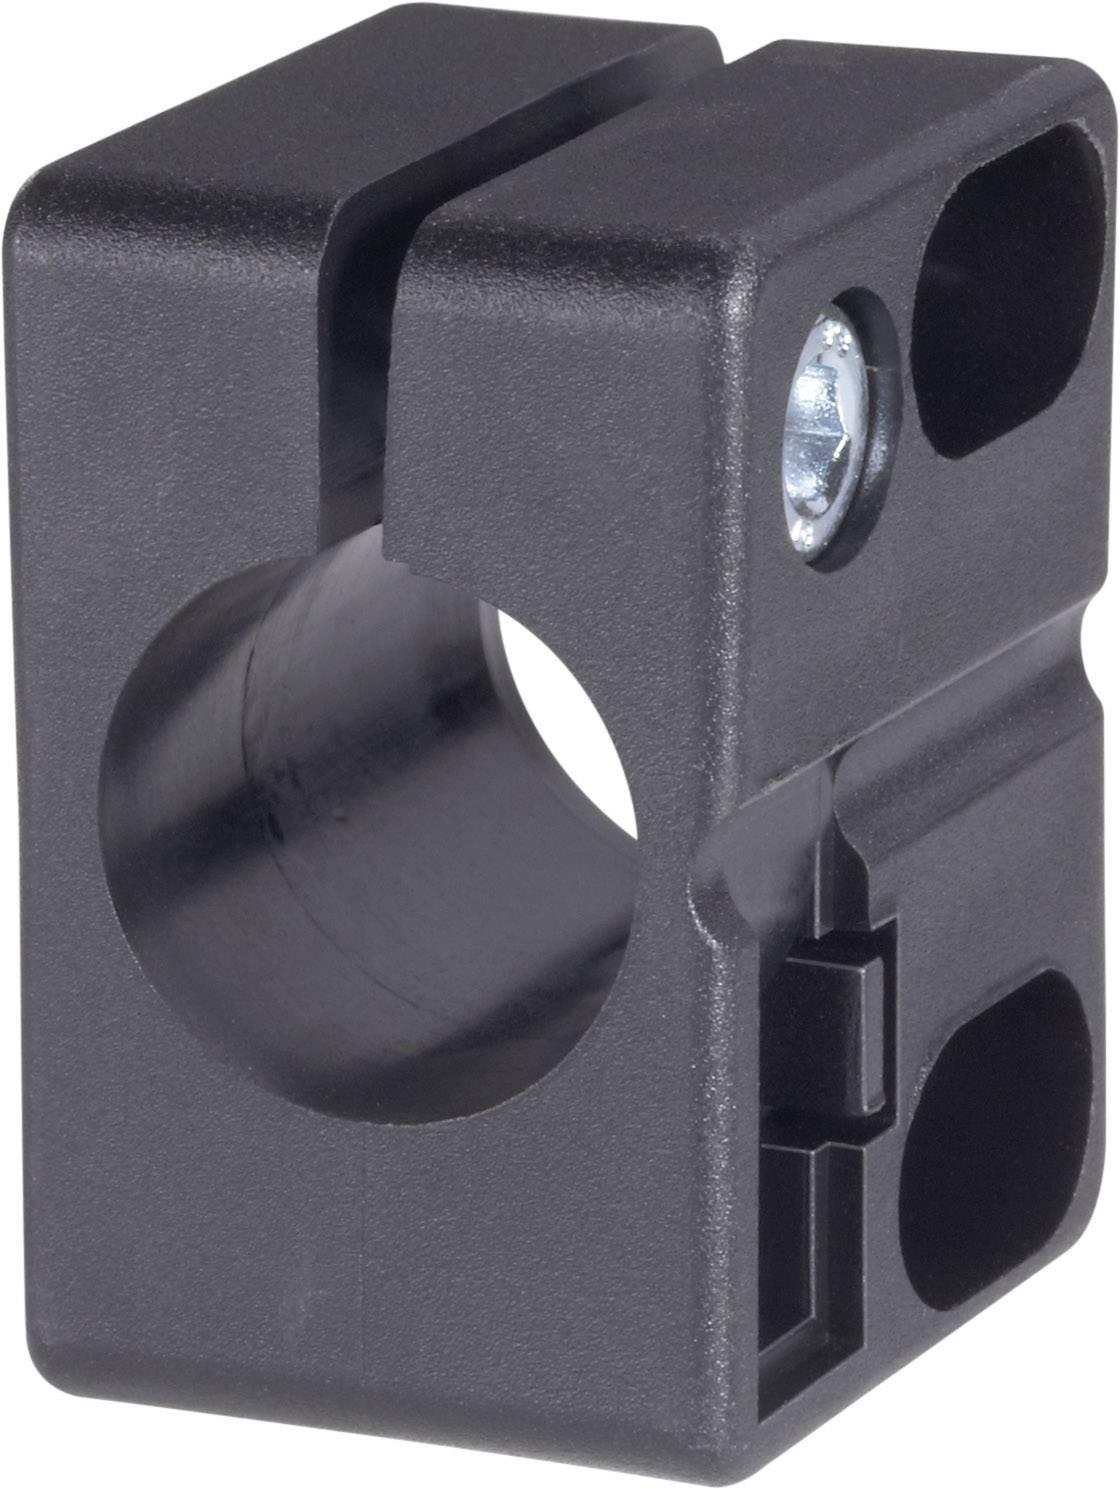 Držák senzoru Contrinex ASU-0001-065 (606 000 004), ASU-0001-065, PA 6 černá